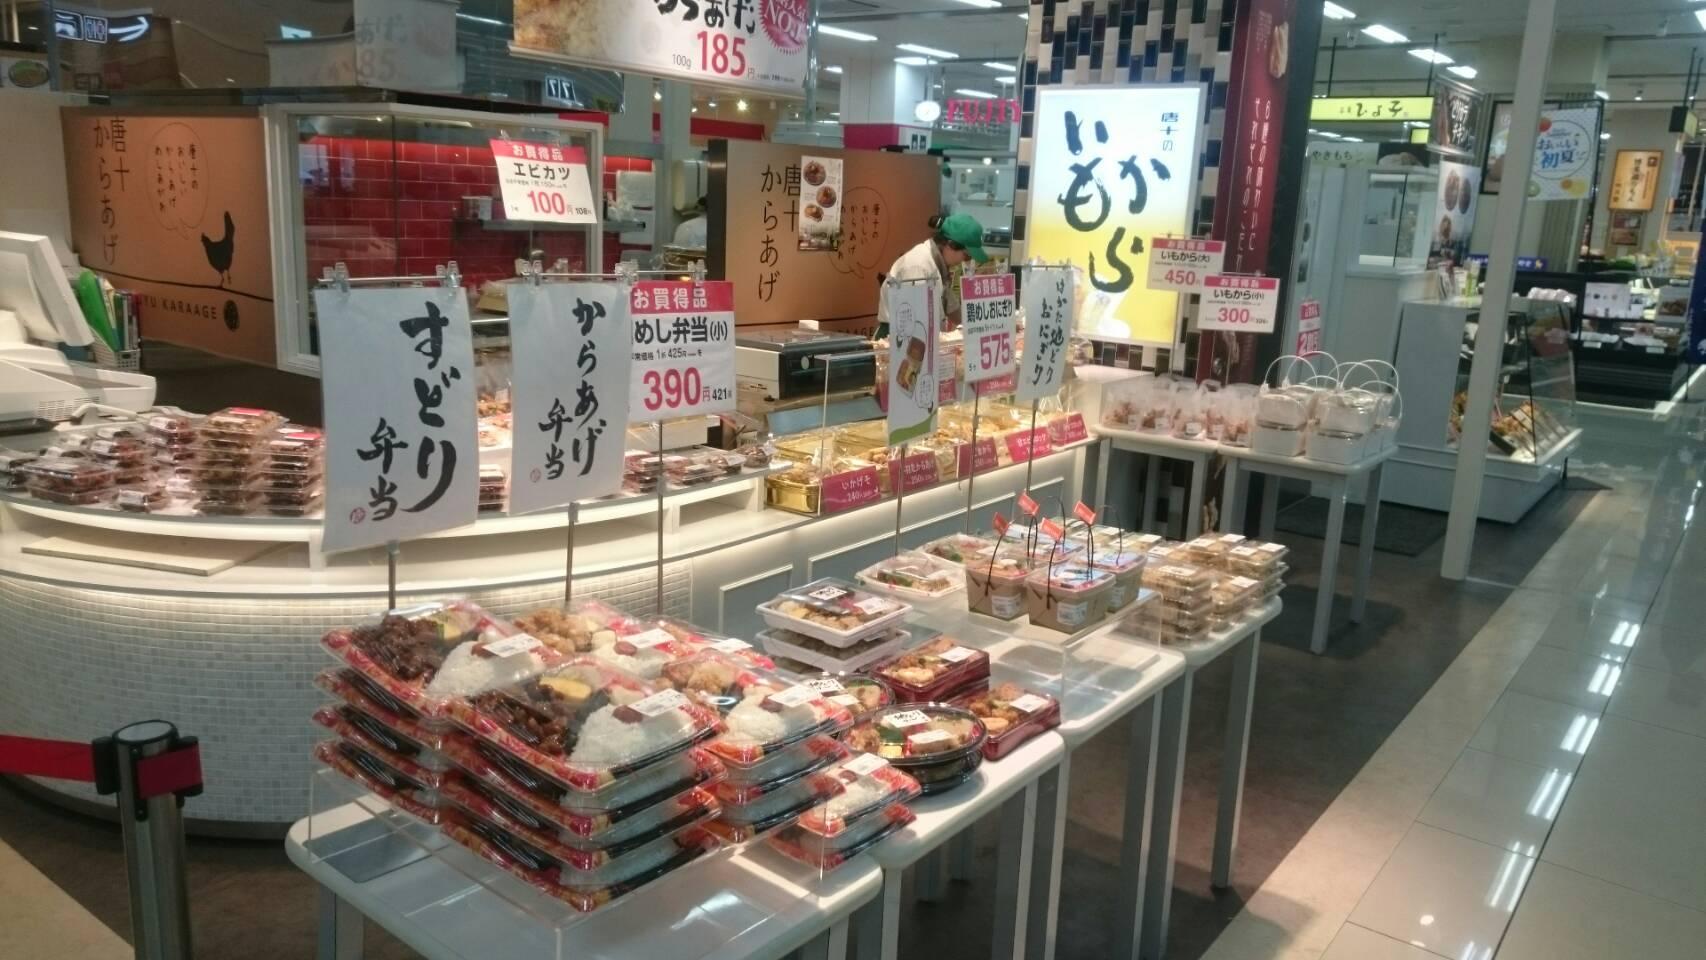 迫田 筑紫野 店